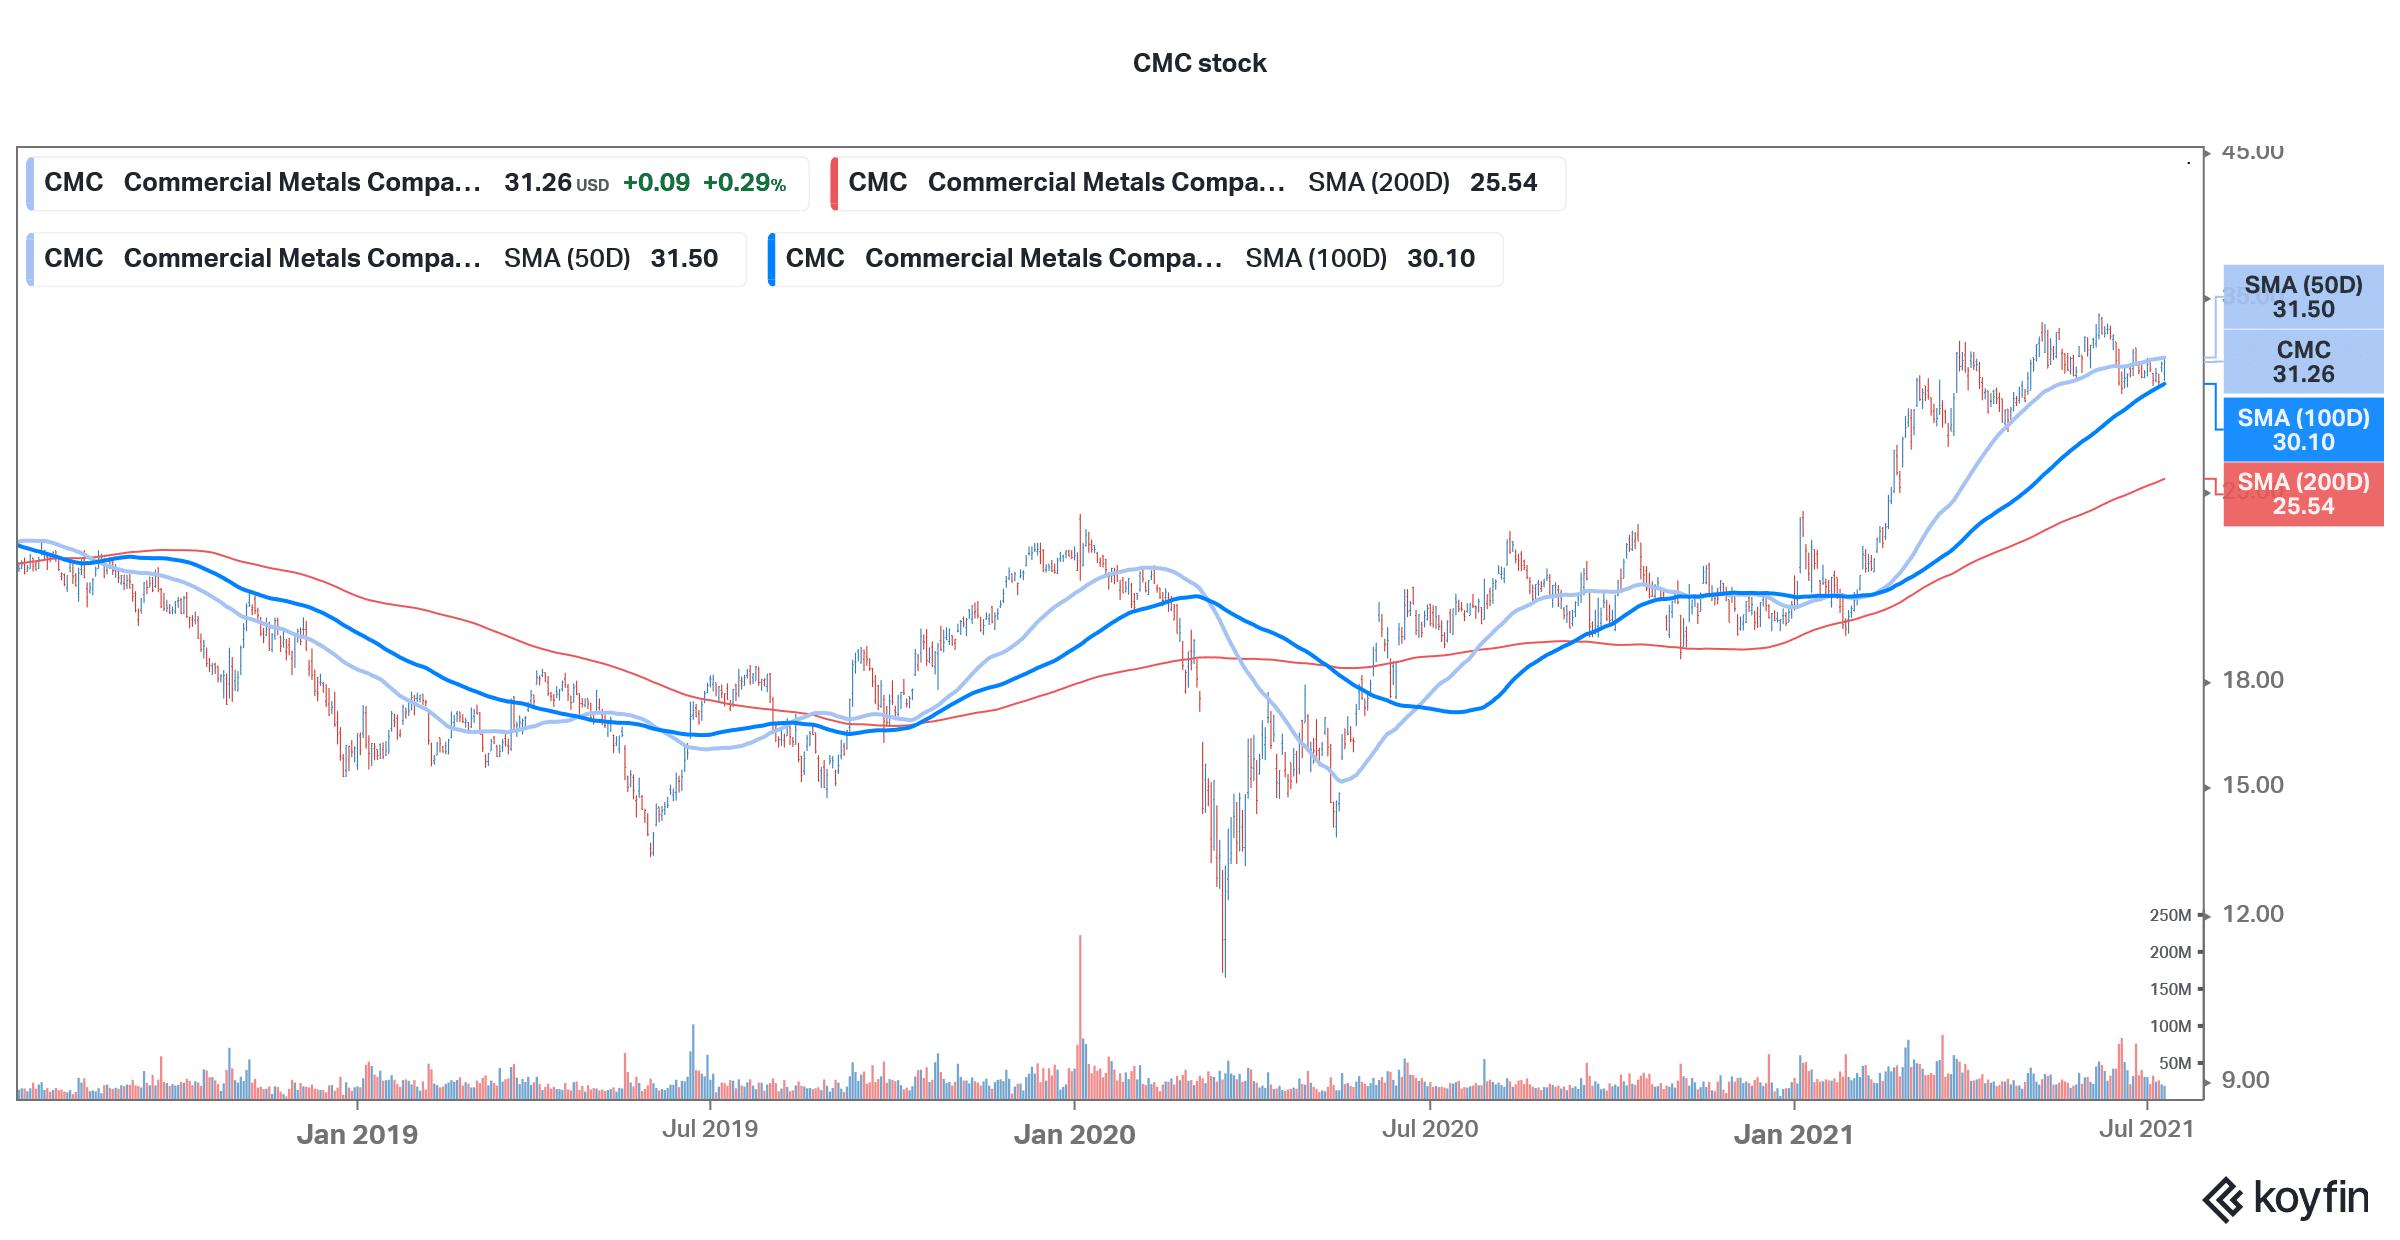 buy cmc stock